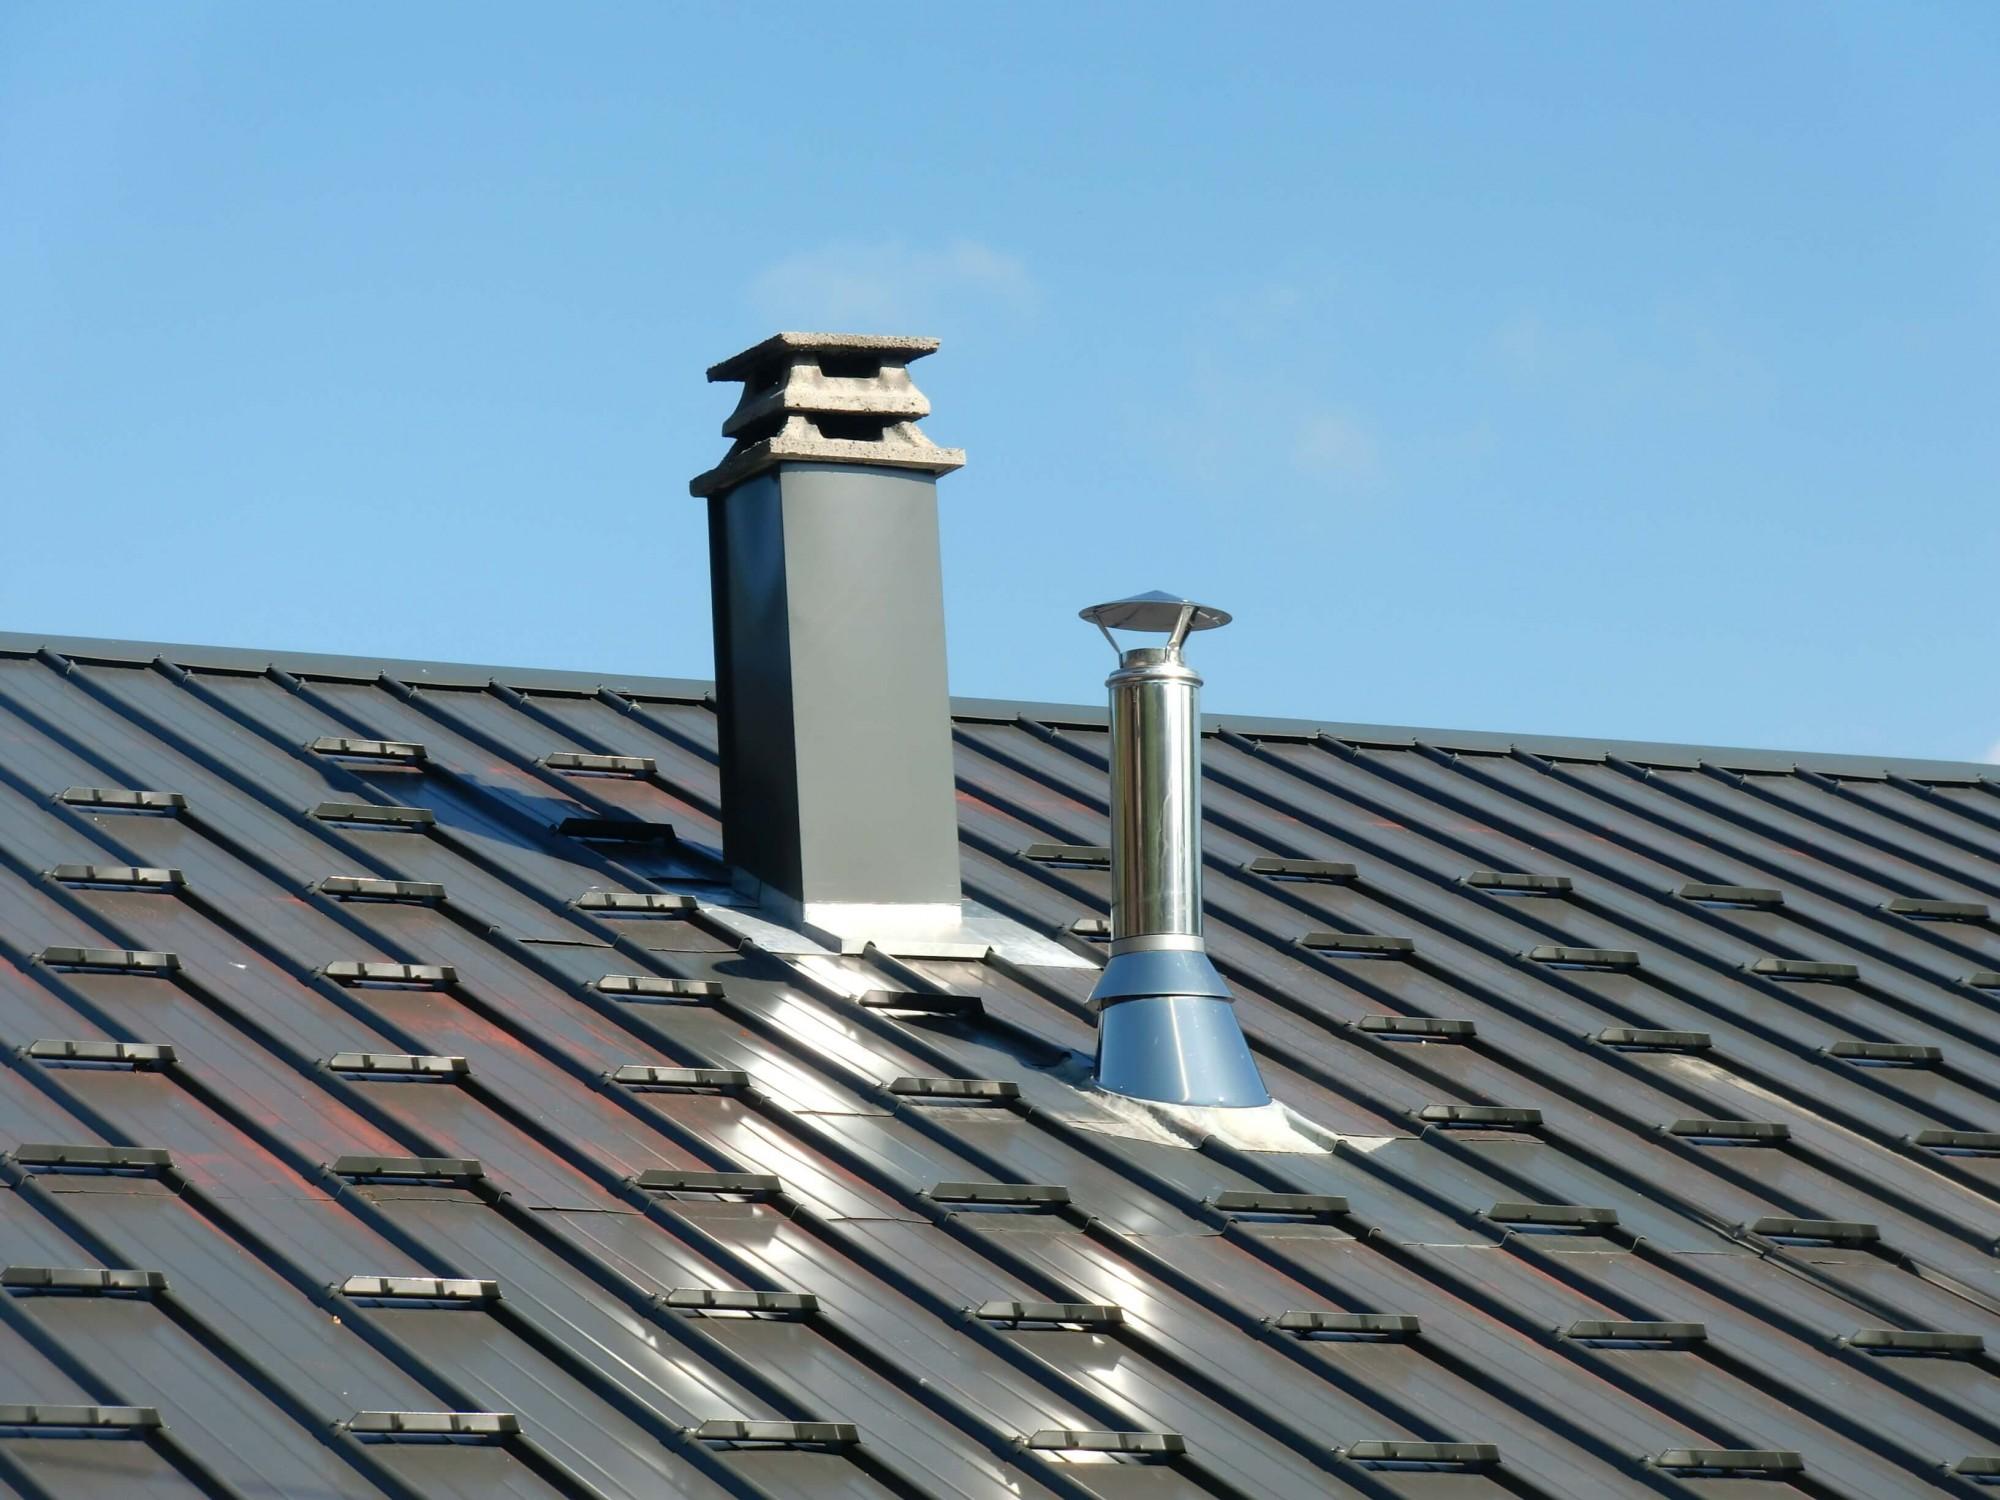 R novation d une toiture avec une couverture t le en for Renovation d une toiture